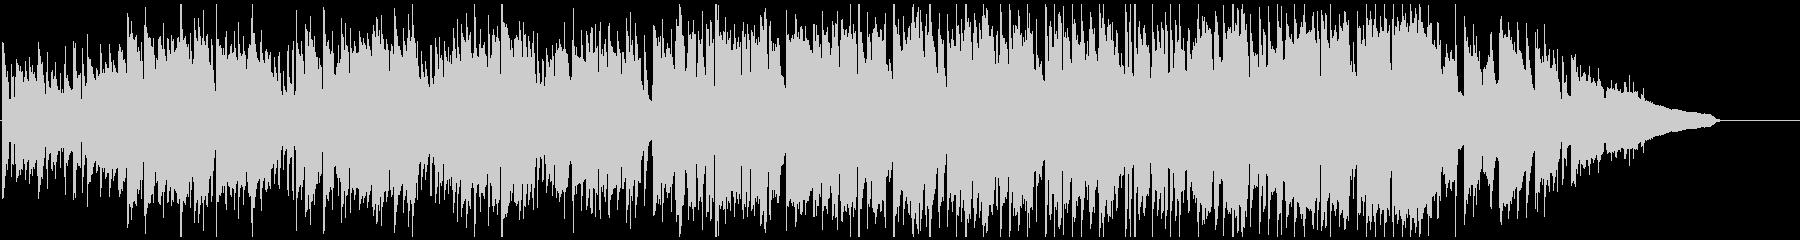 クラリネット生演奏のバラエティ系ポップスの未再生の波形